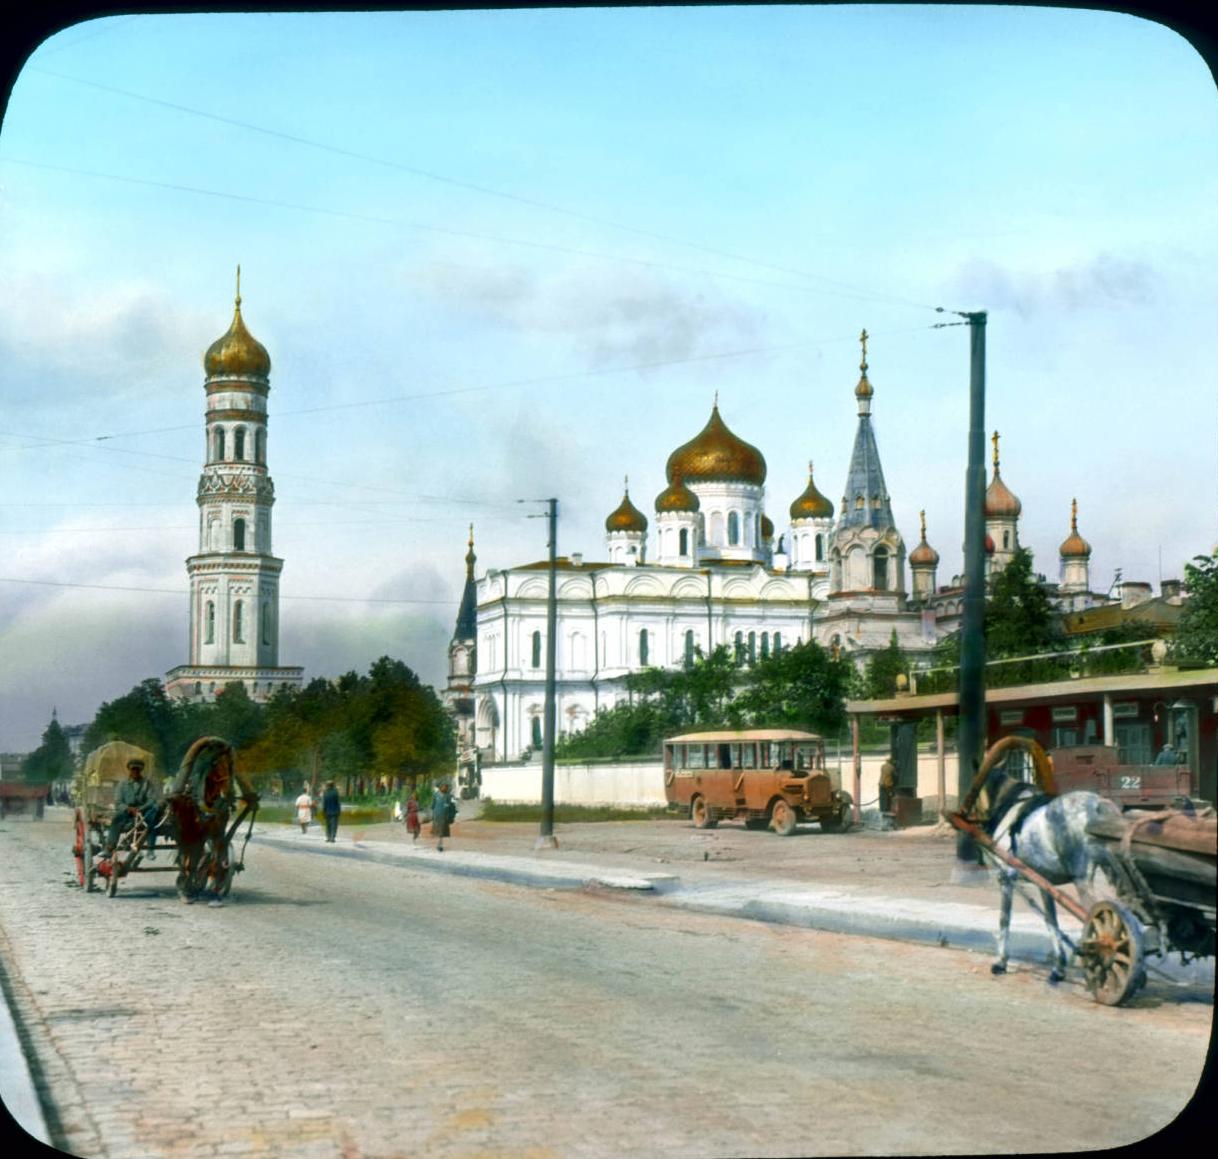 Санкт-Петербург. Московский проспект с Новодевичим монастырем